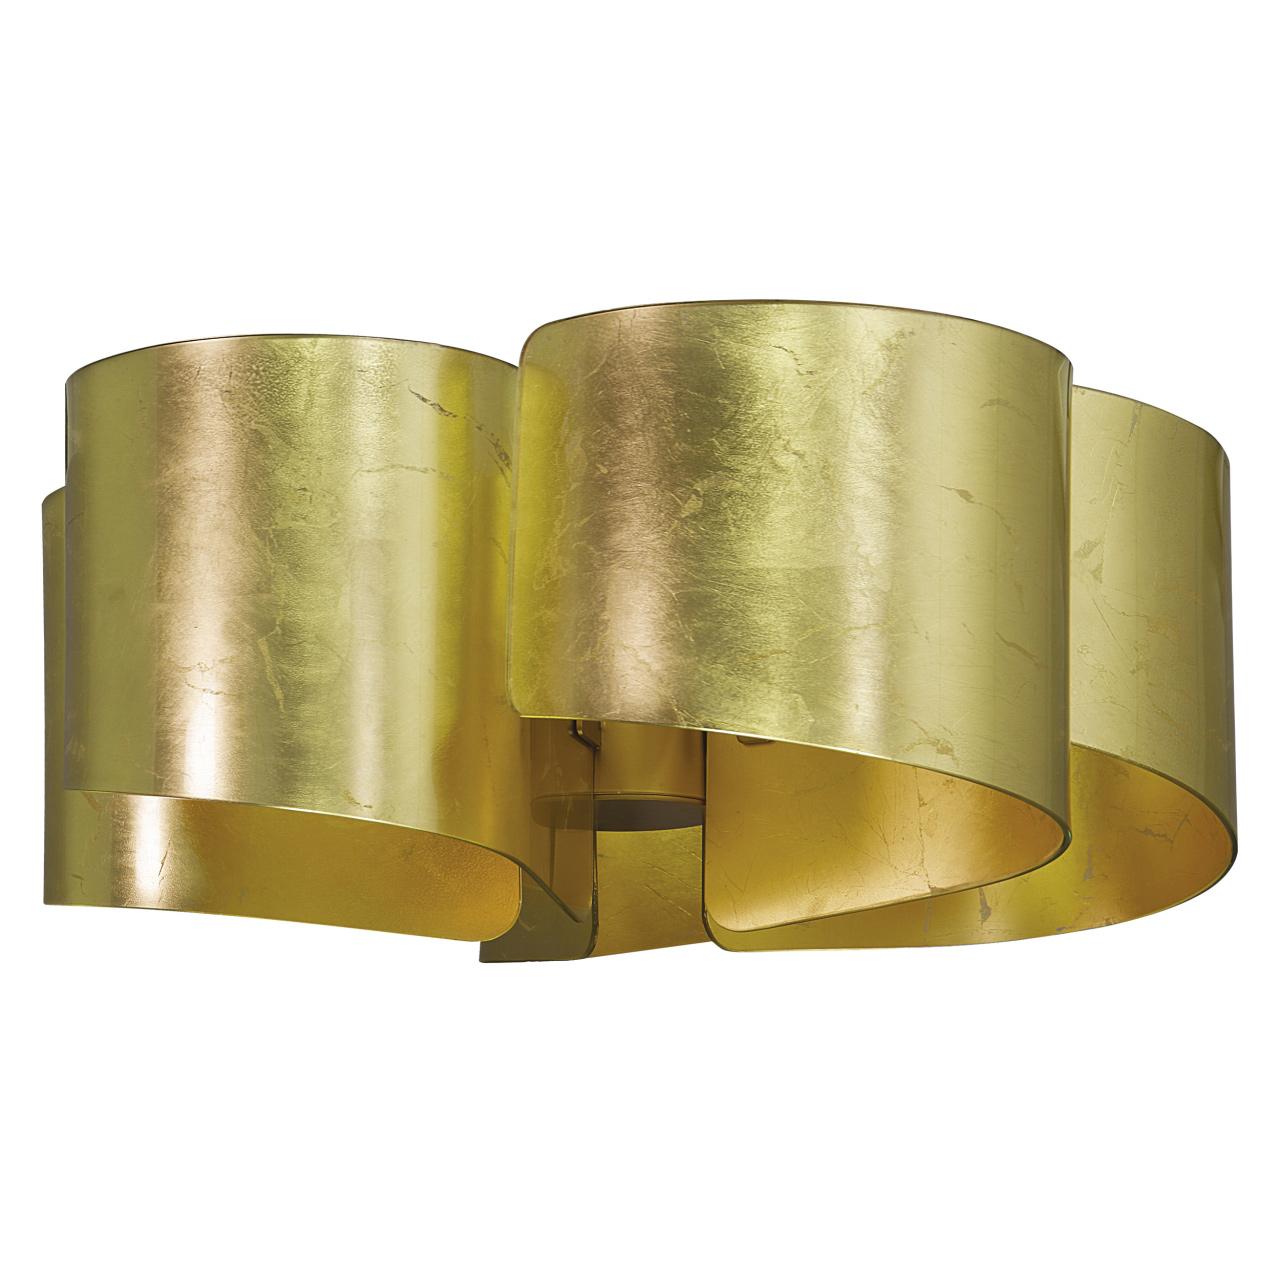 Люстра потолочная Pittore 5х40W E27 golden Lightstar 811052